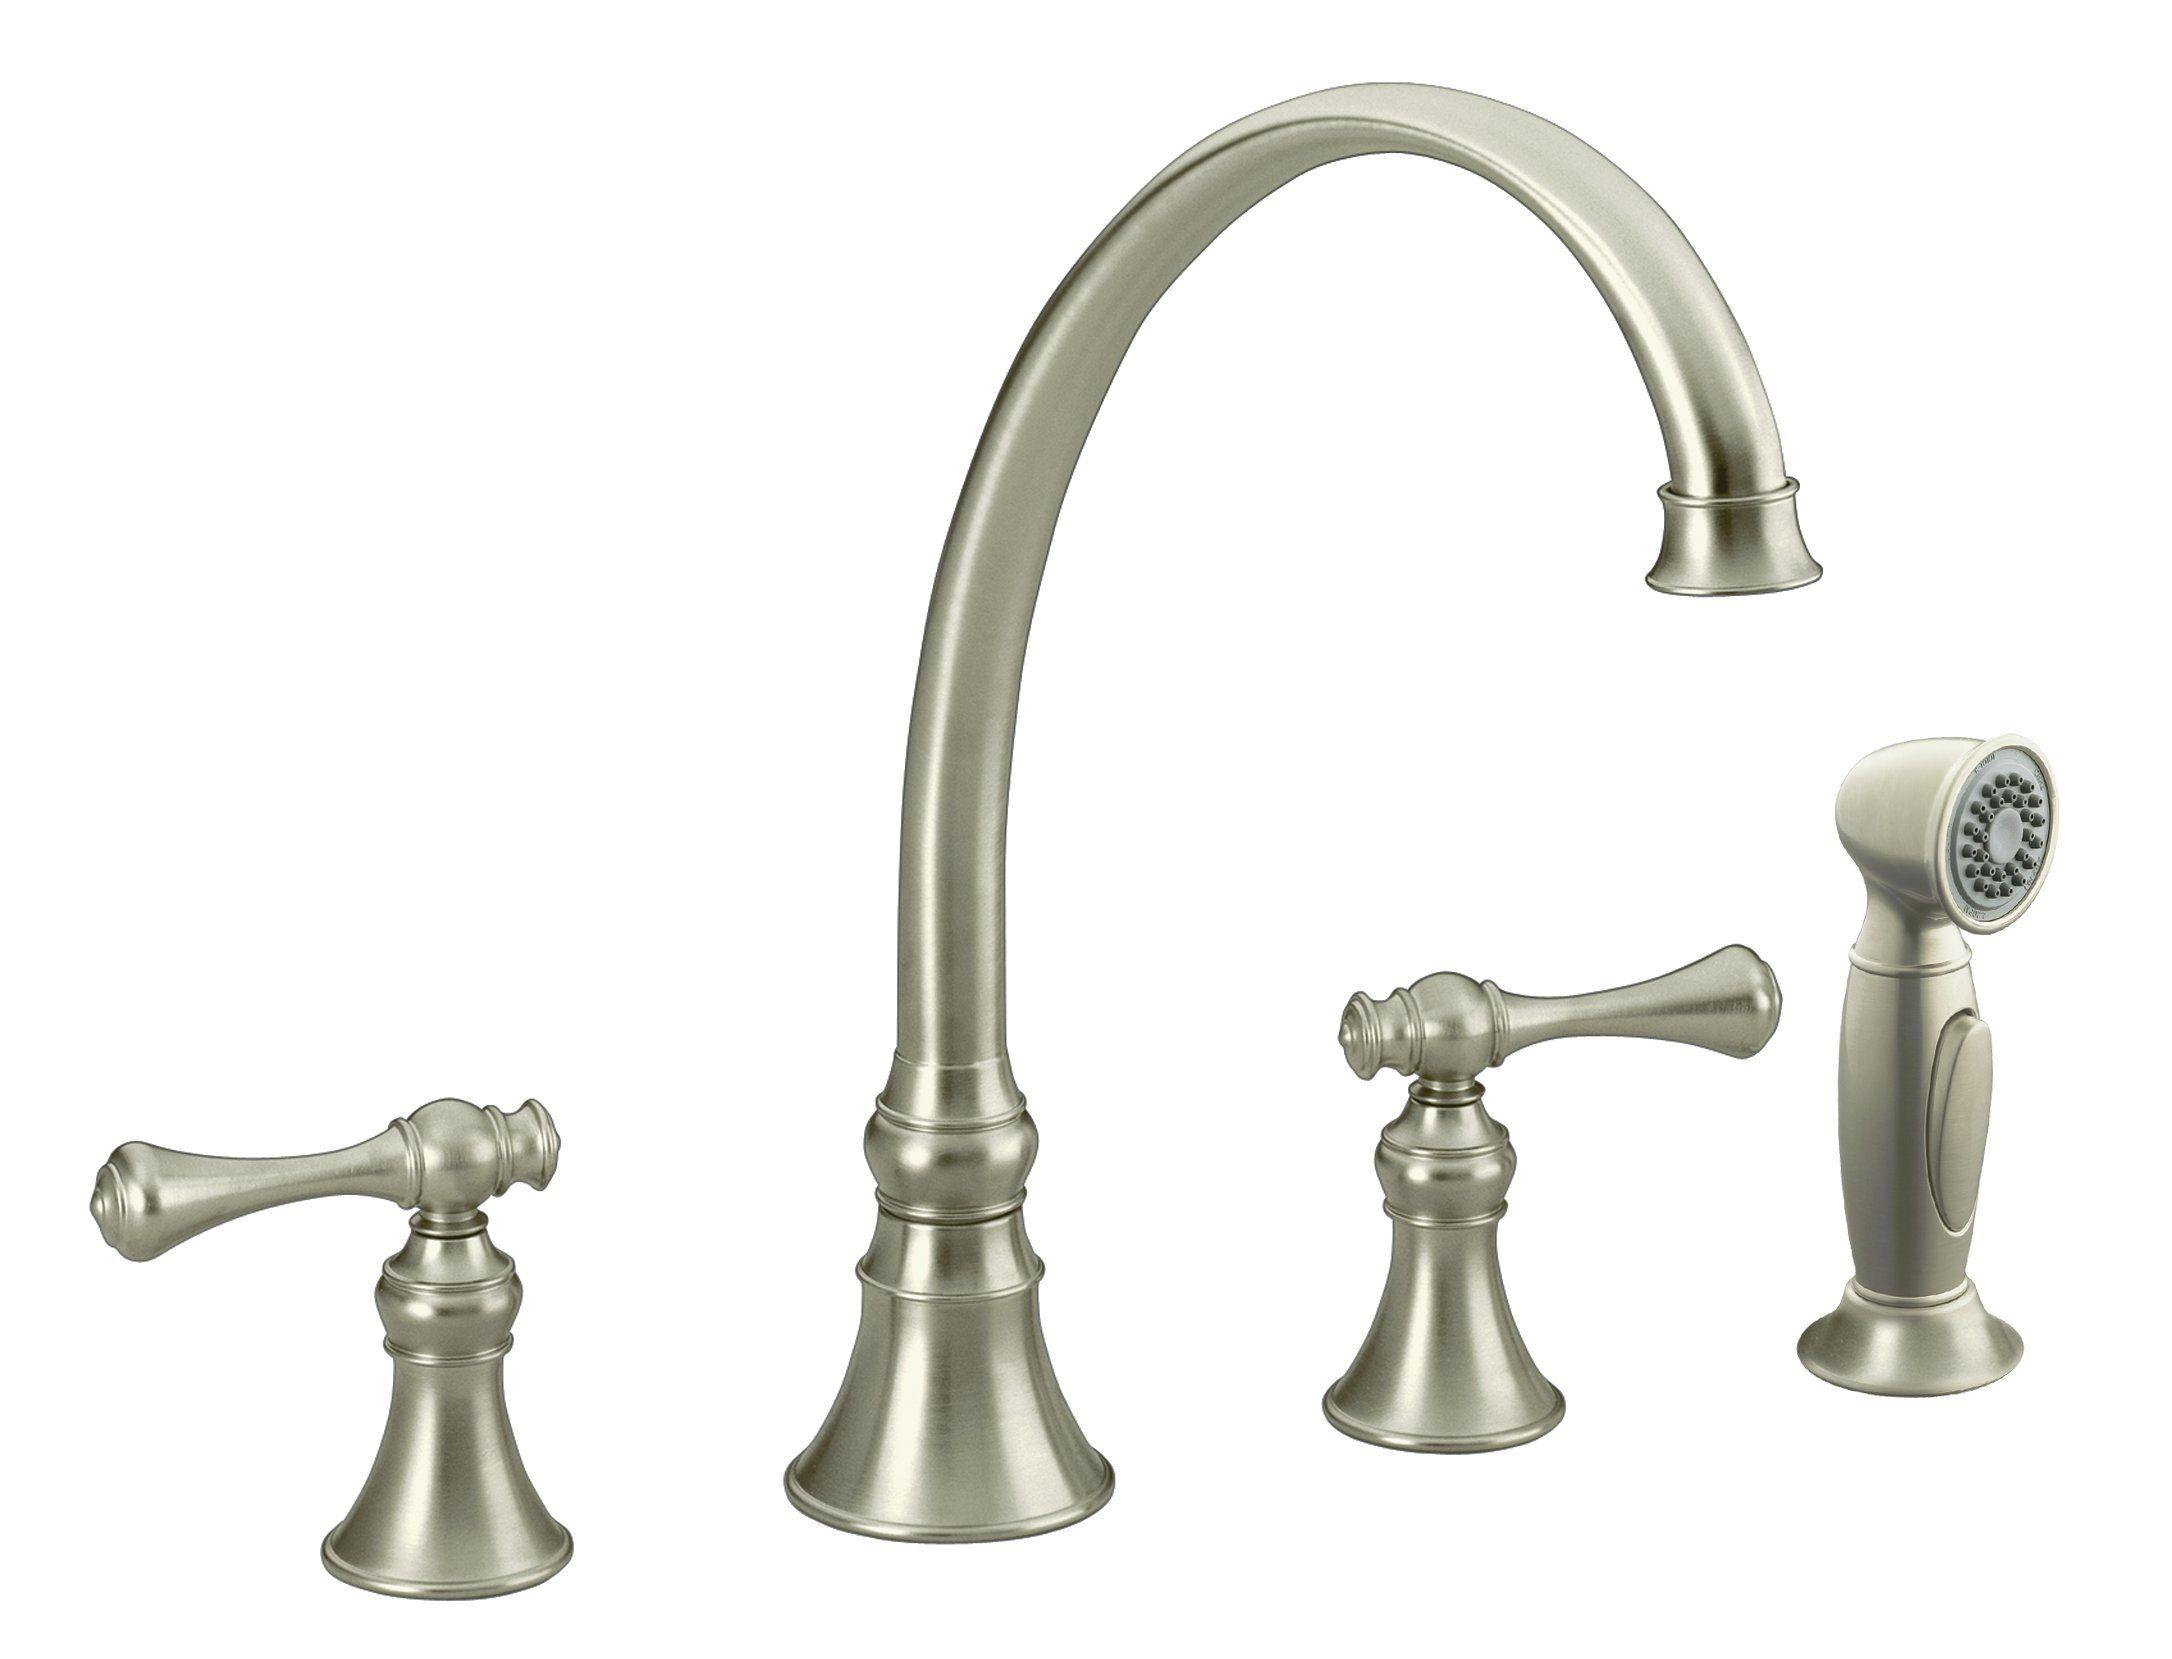 The Kohler K-16109-4A-BN Vibrant Brushed Nickel Revival Kitchen Sink ...